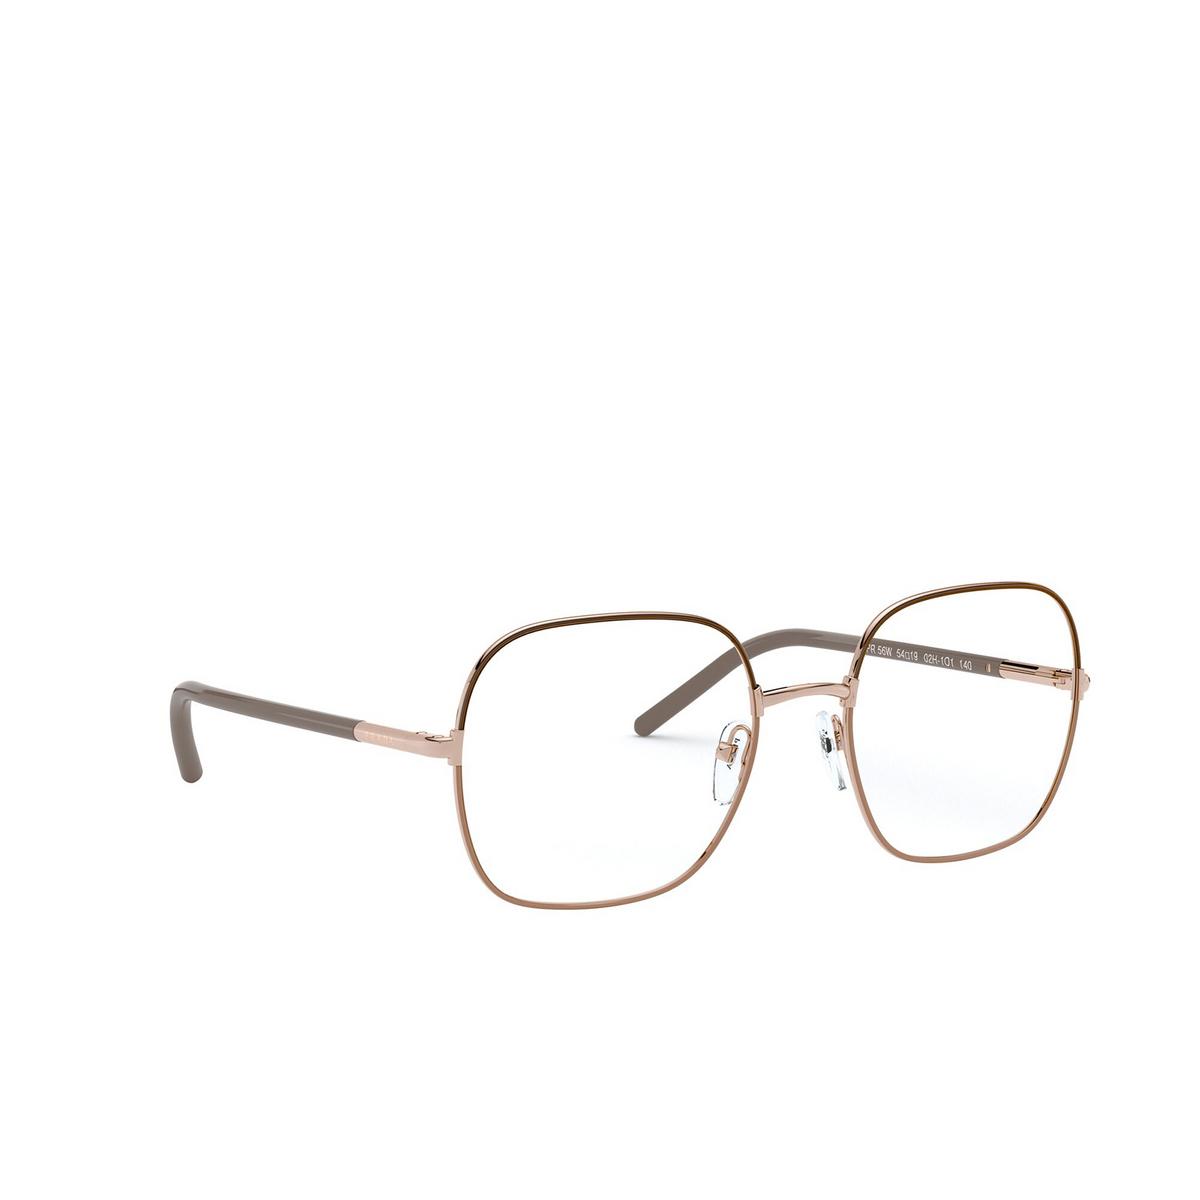 Prada® Rectangle Eyeglasses: PR 56WV color Brown / Beige 02H1O1 - three-quarters view.